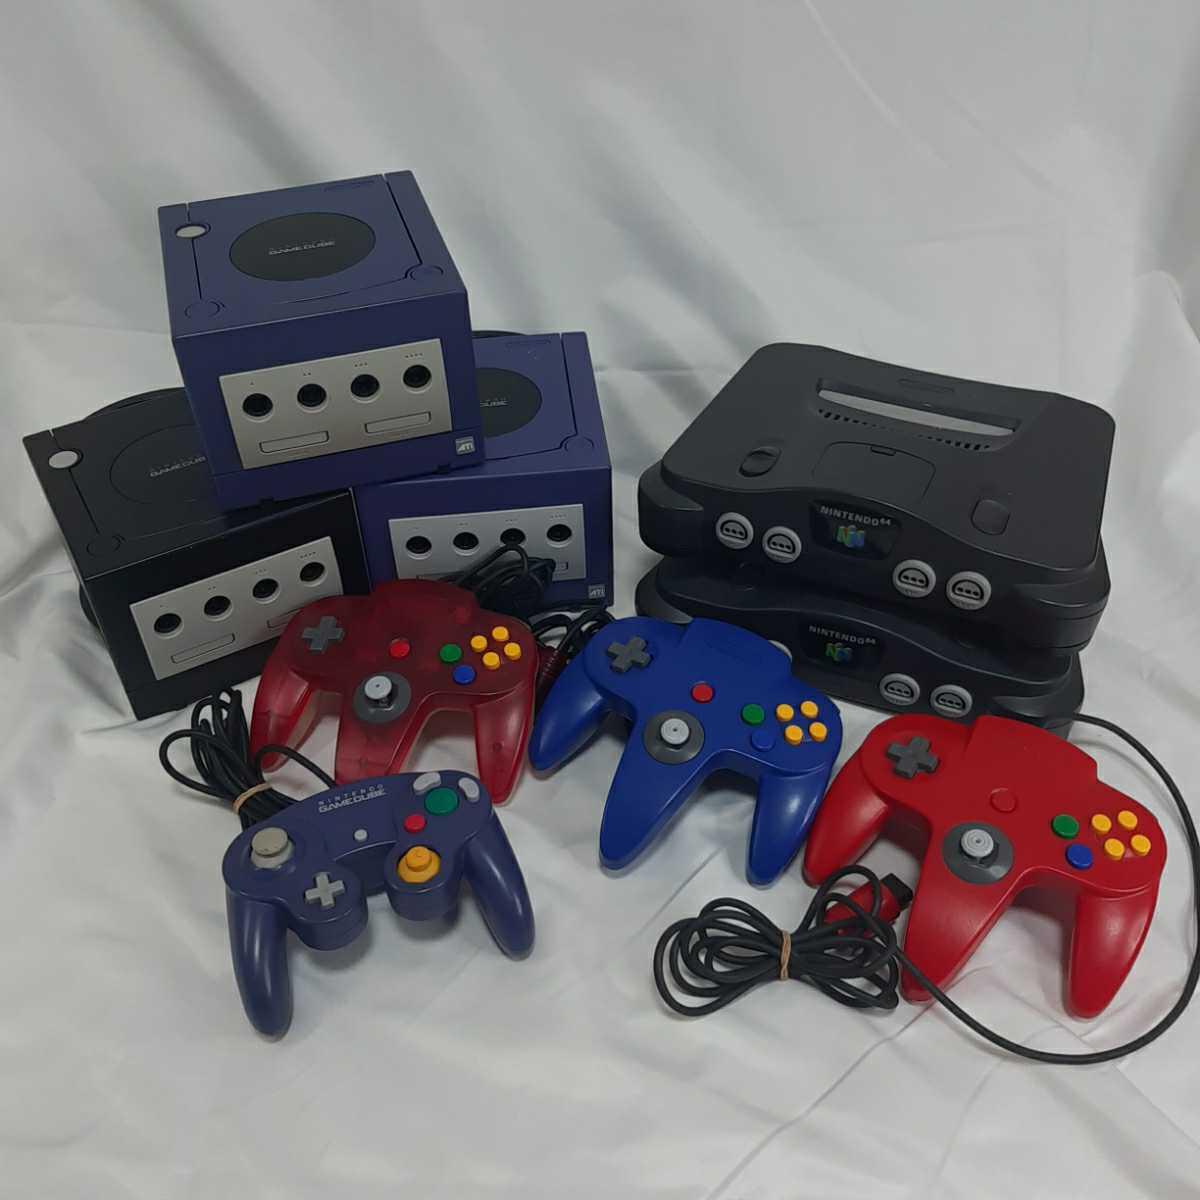 ニンテンドー64 本体2台、コントローラー3個 ゲームキューブ 本体3台、コントローラー1個 ジャンク